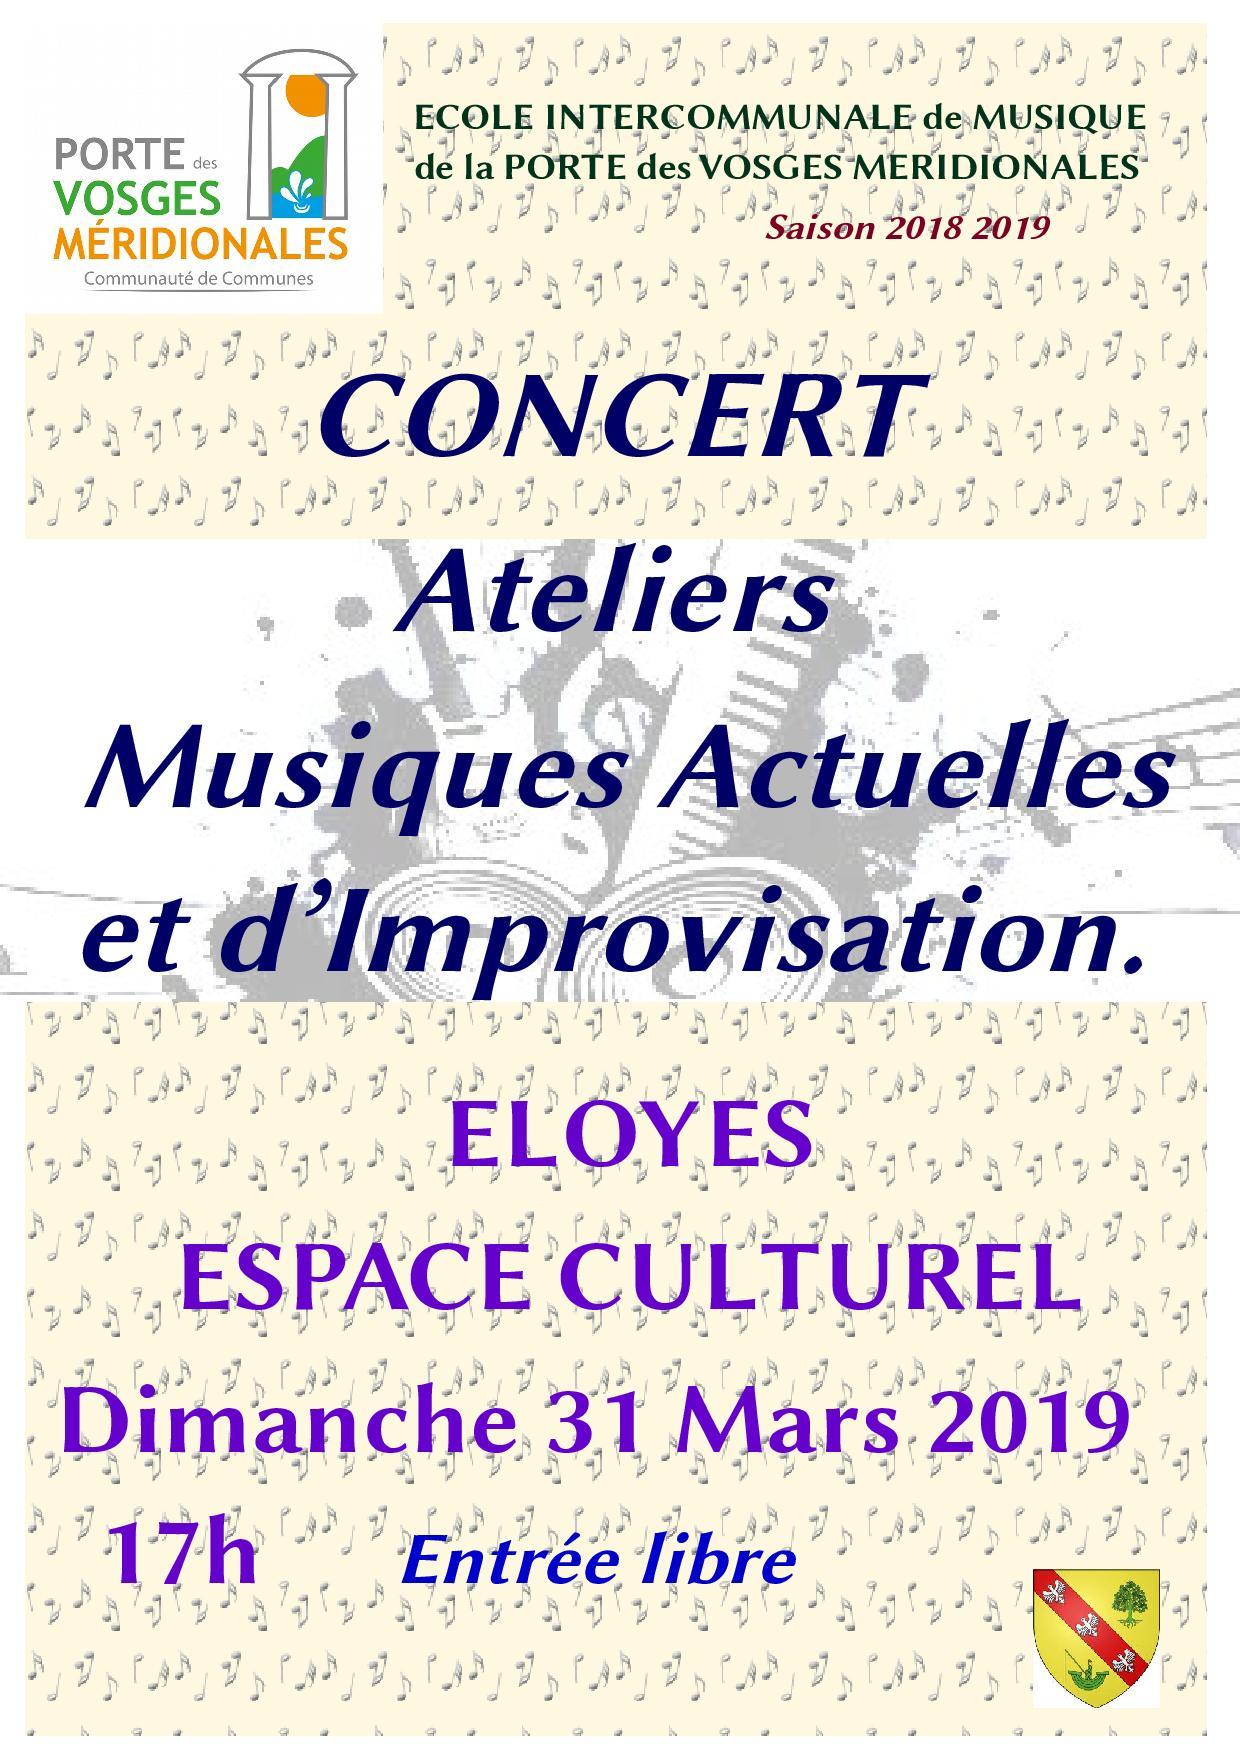 affiche 31 3 2019 Remiremont MA et impro-page-001